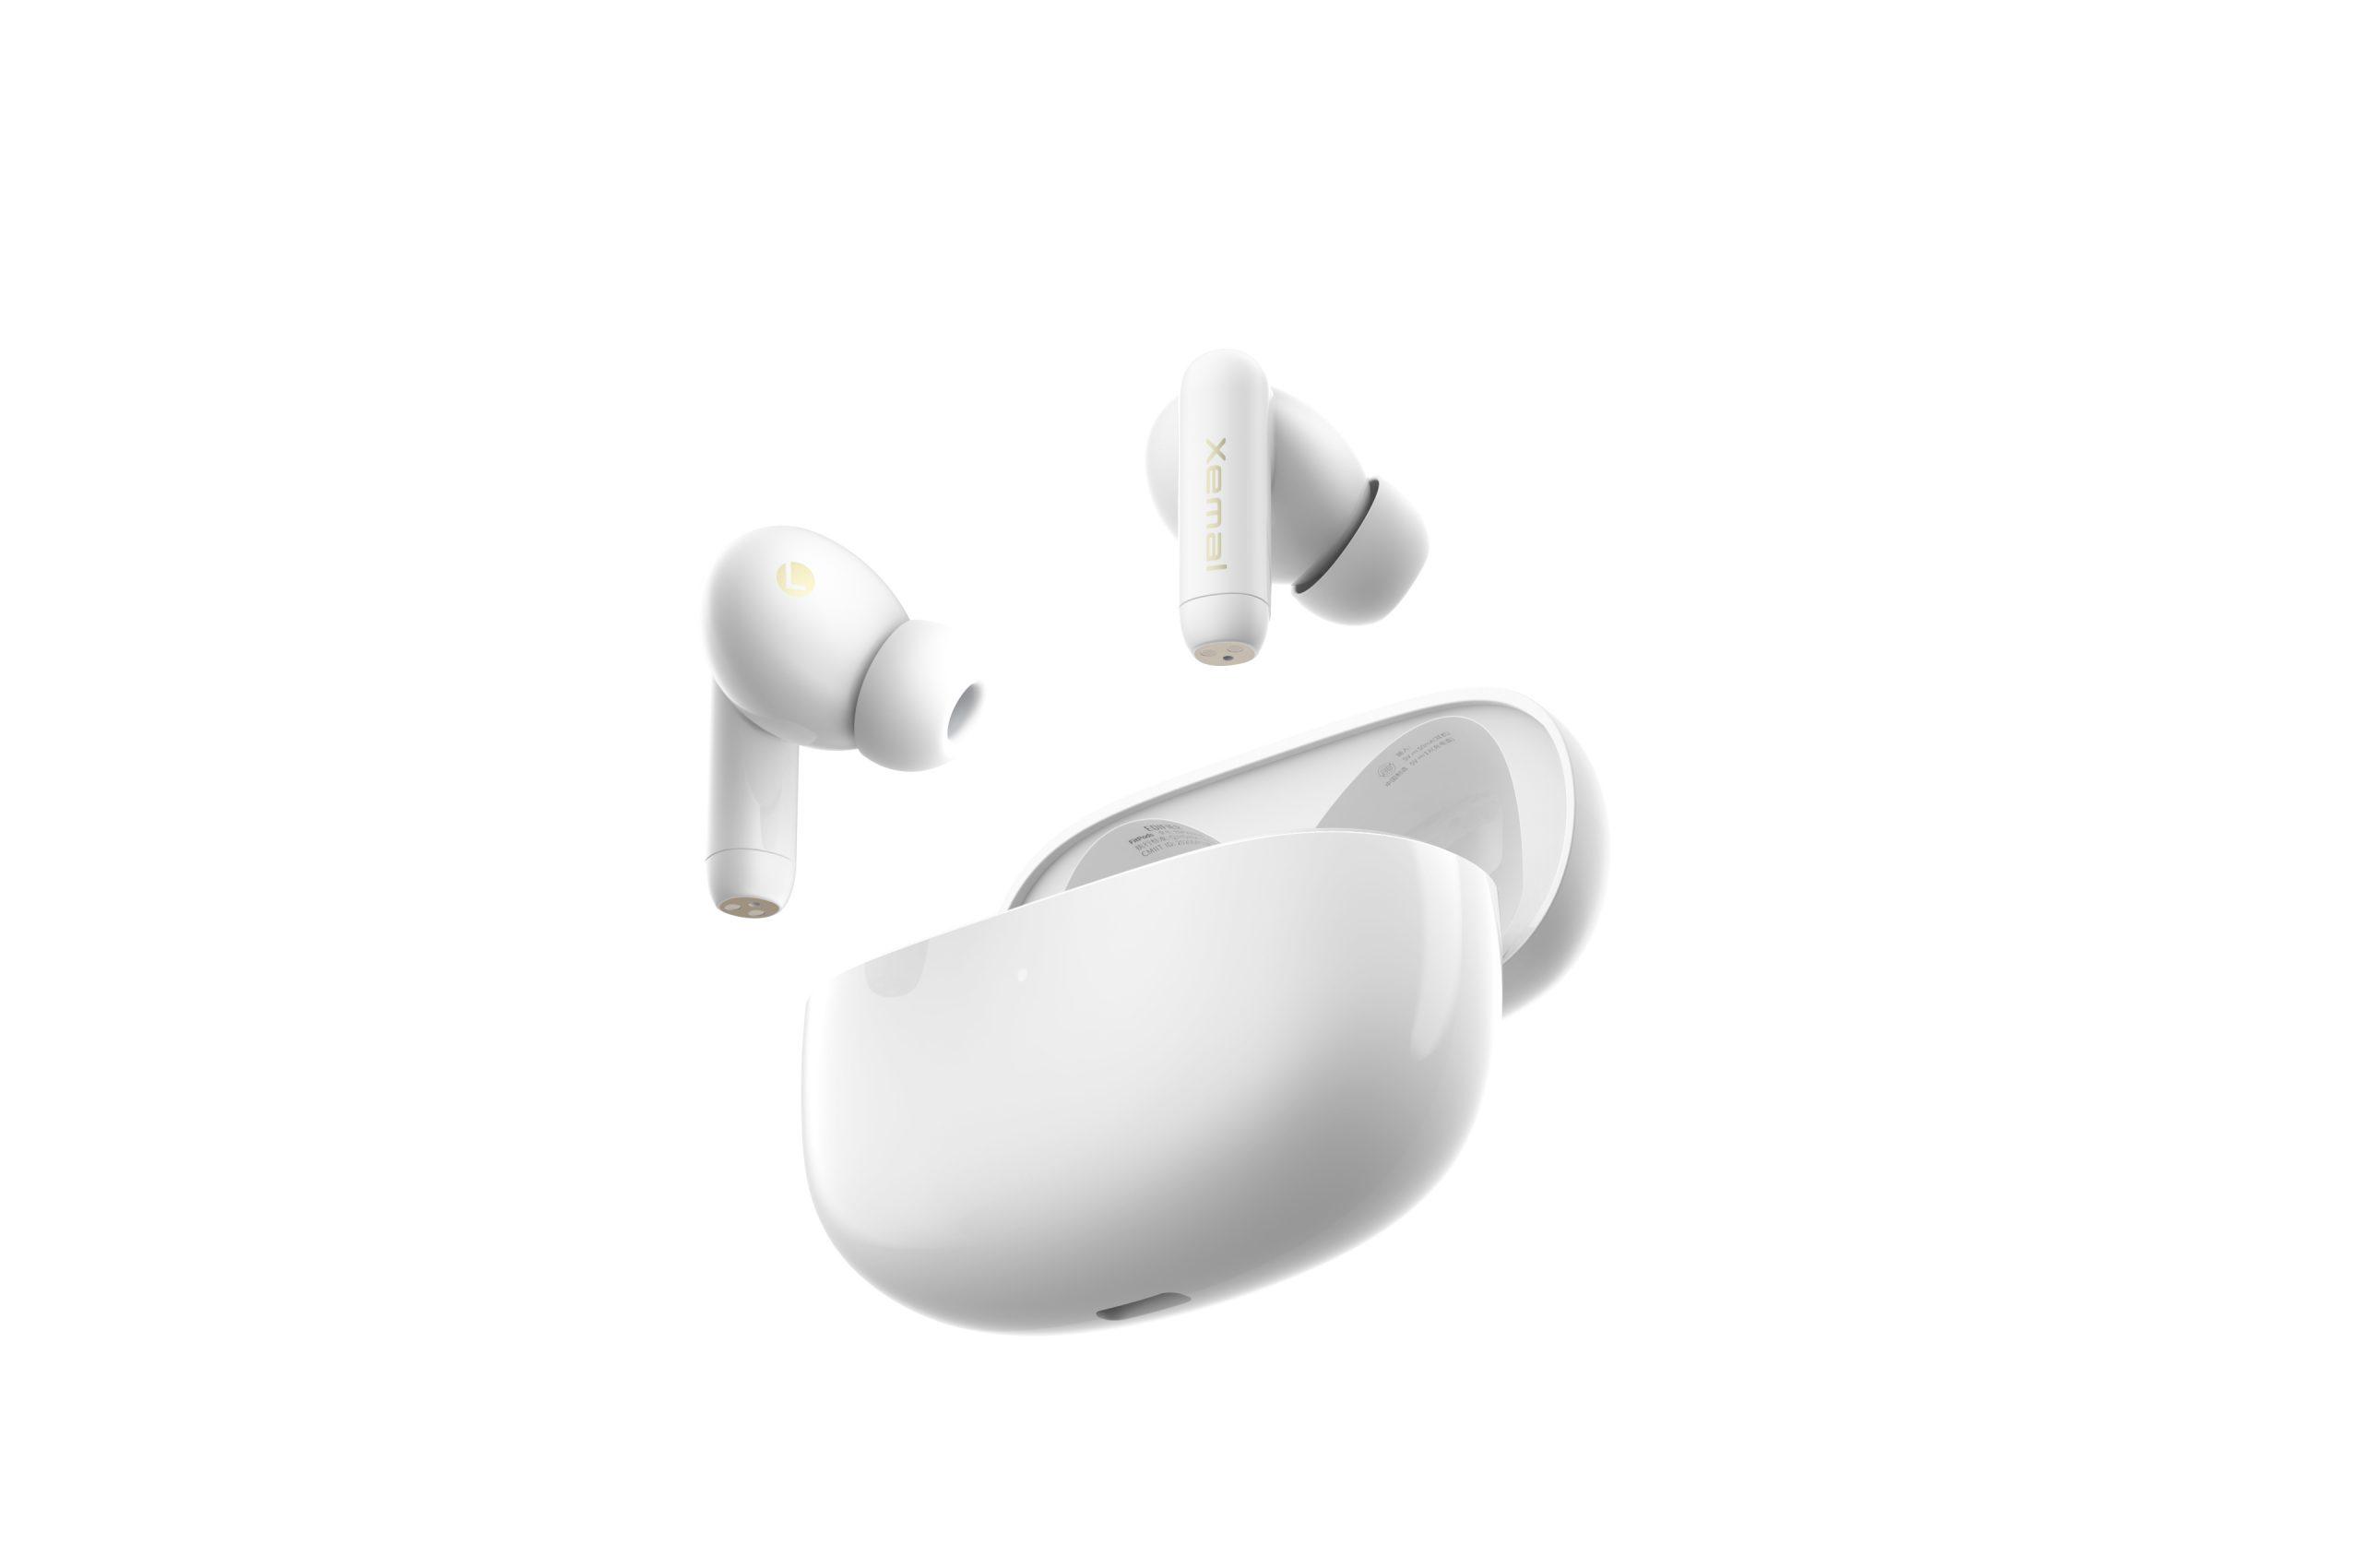 漫步者专注于音频技术的应用和实践,已成为音频行业的世界知名品牌。-我爱音频网